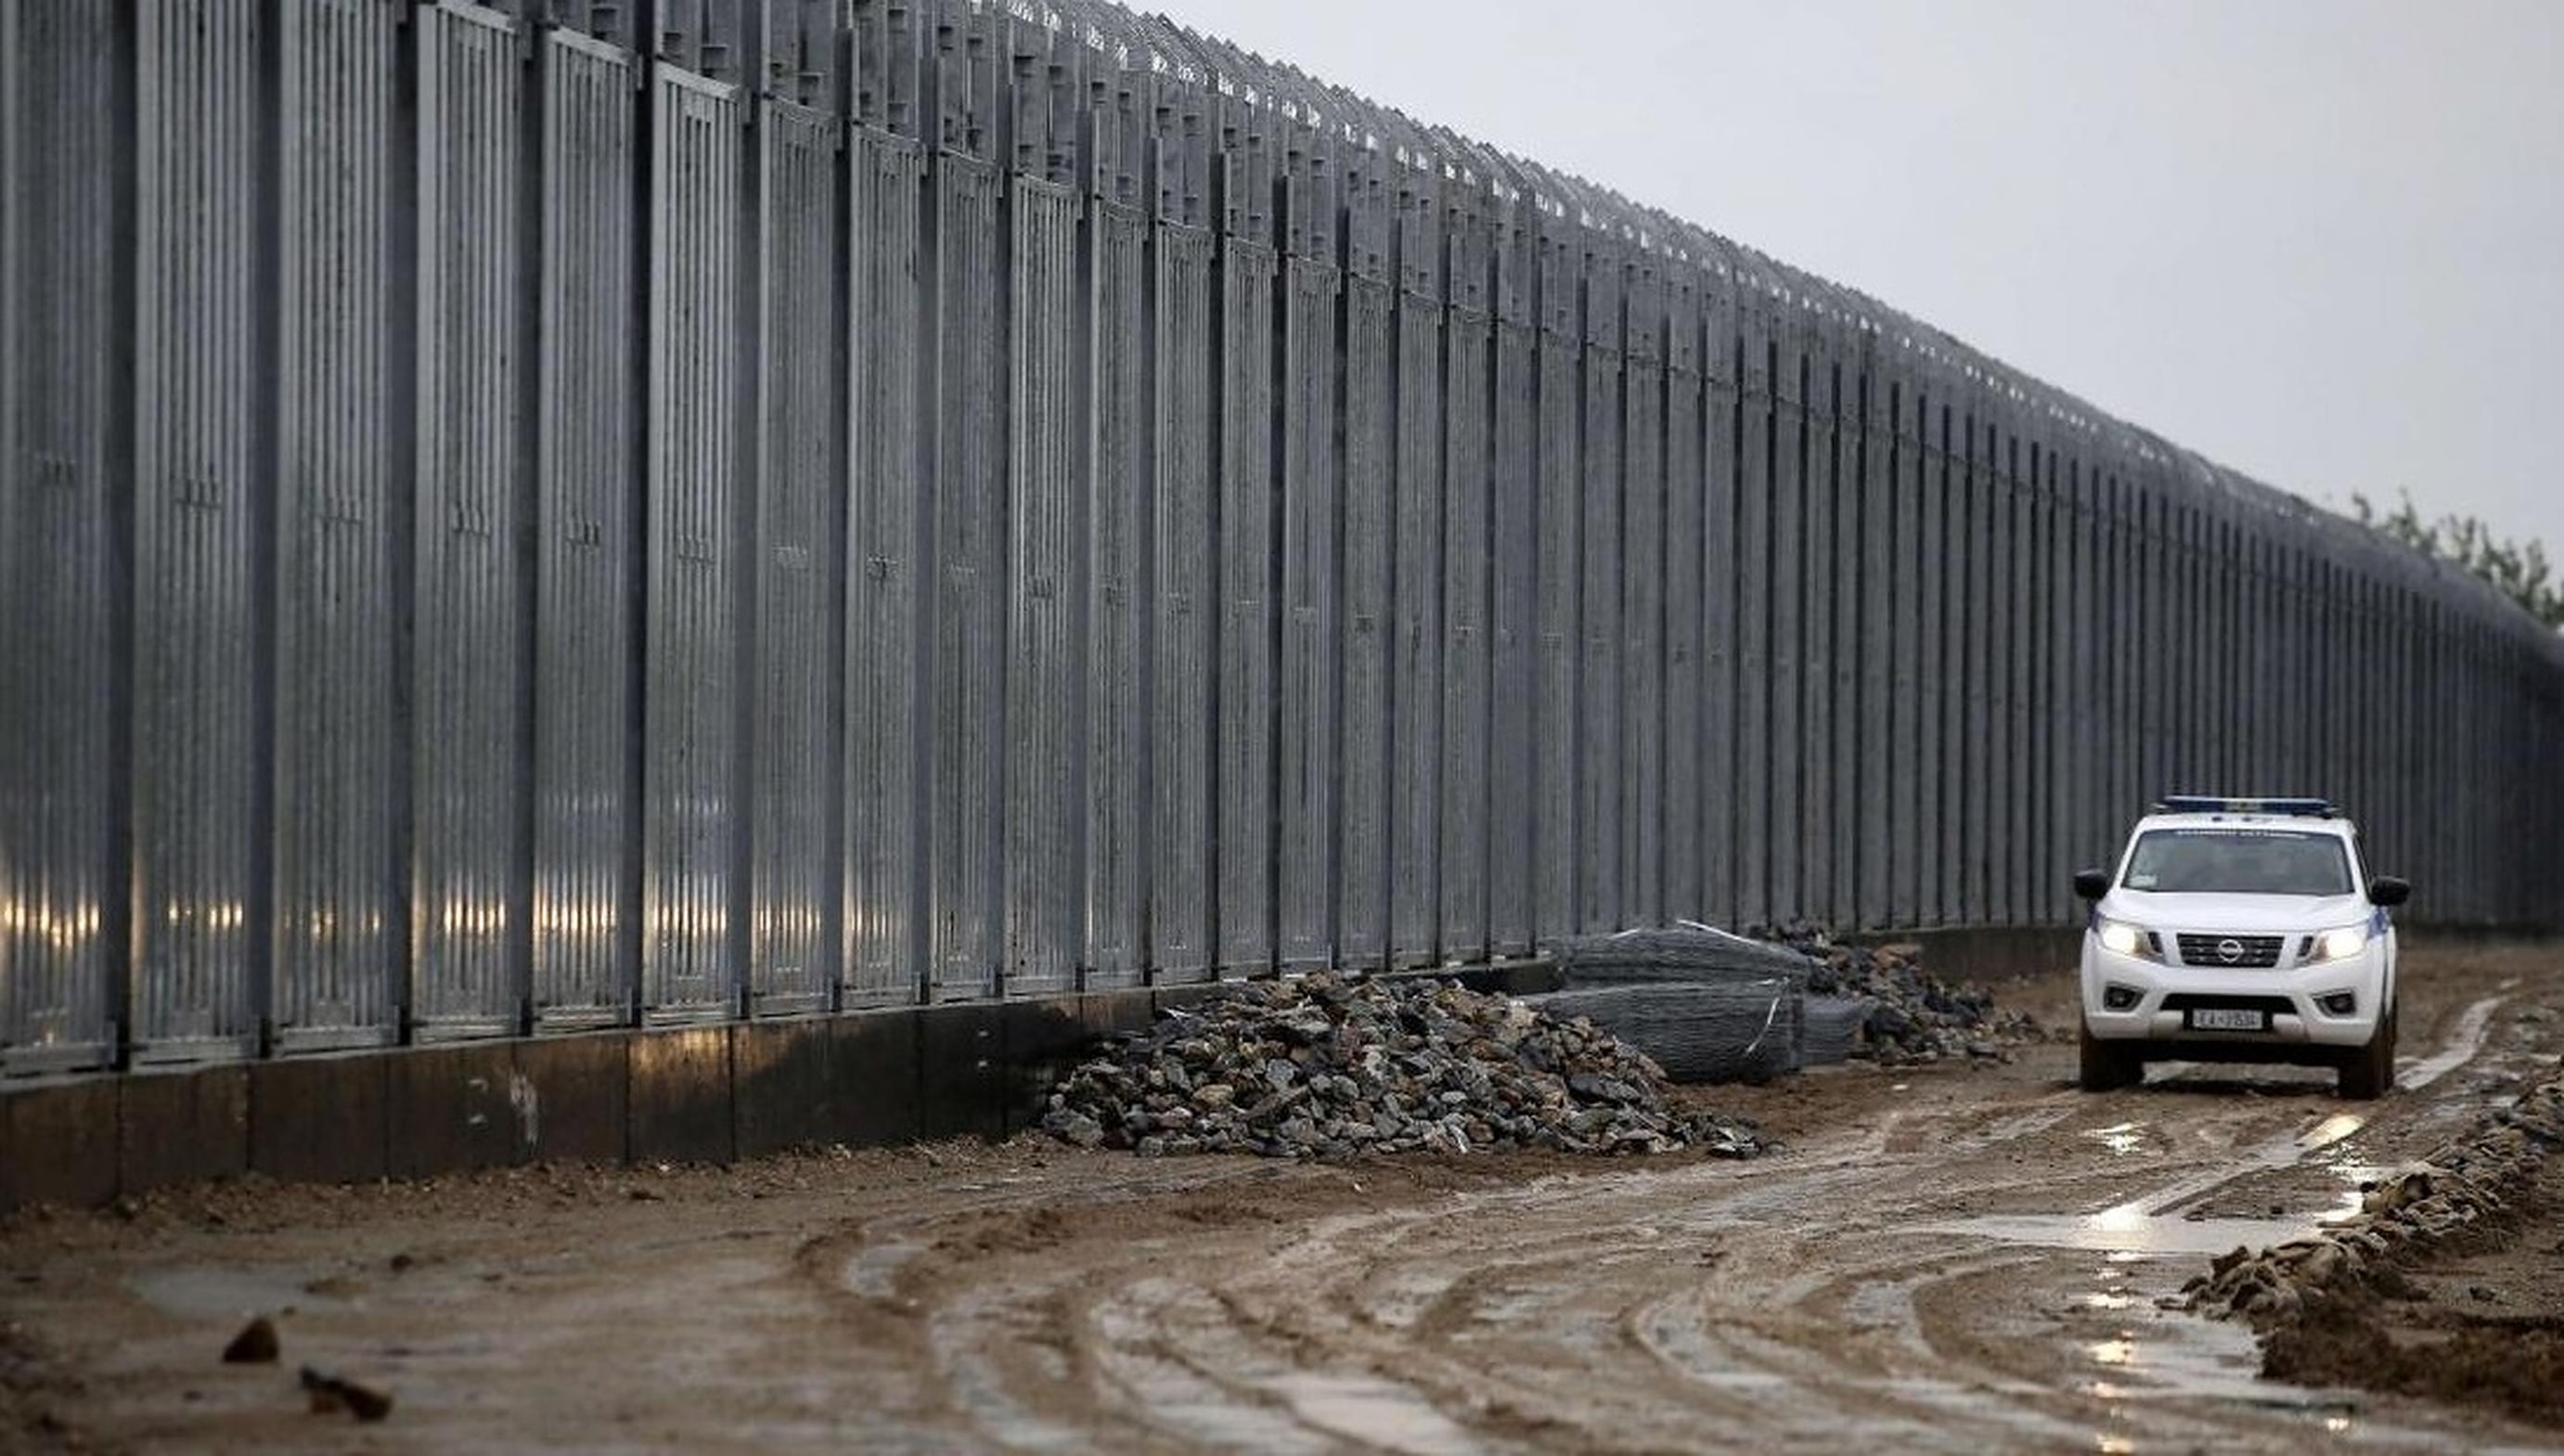 Grecia și Turcia construiesc ziduri pentru a împiedica sosirea refugiaților afgani în Europa